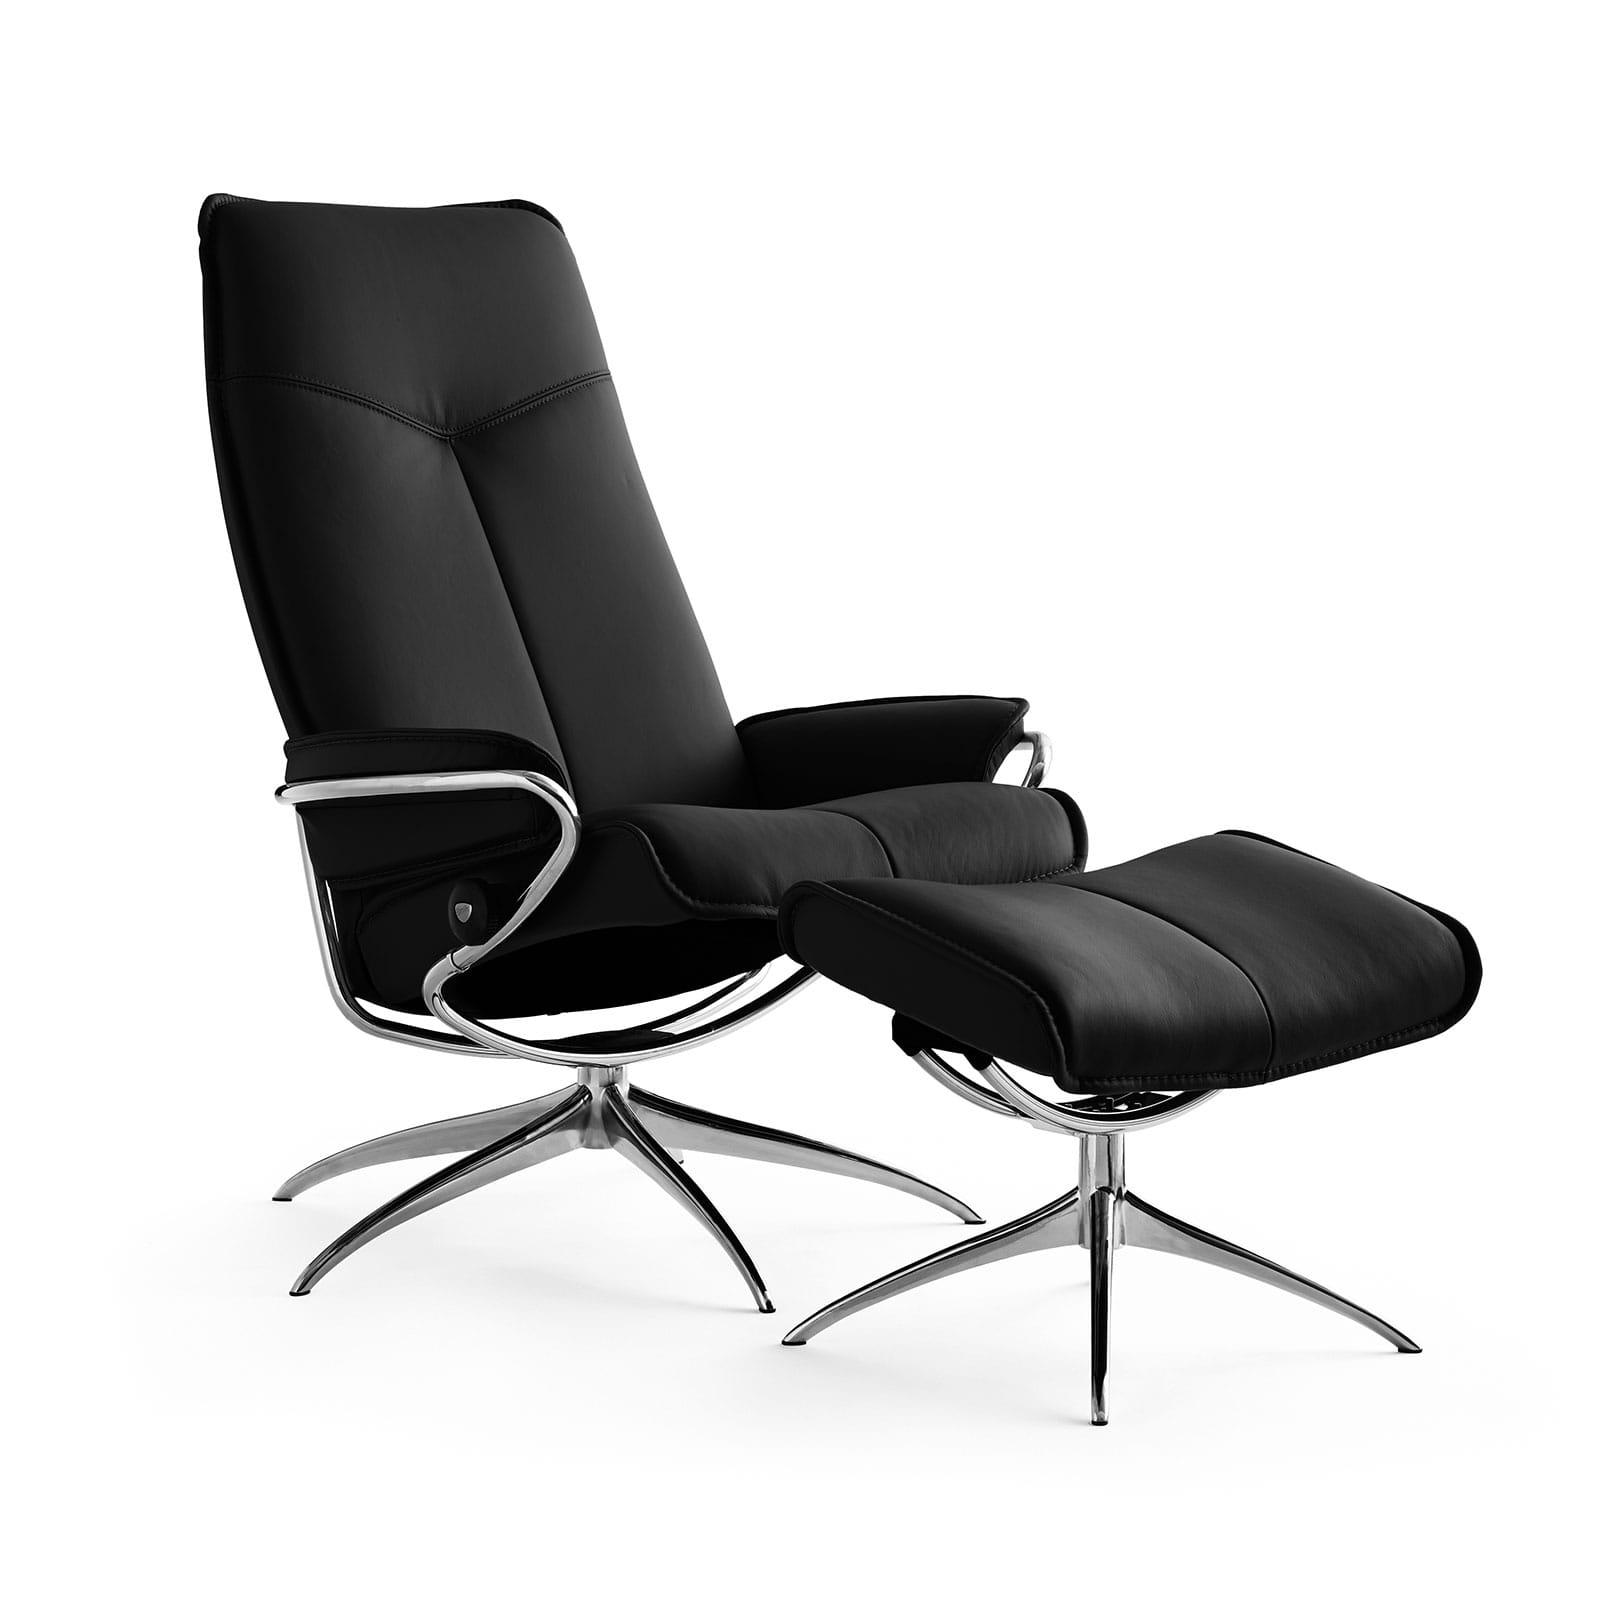 stressless sessel city high back mit hocker black chrom. Black Bedroom Furniture Sets. Home Design Ideas